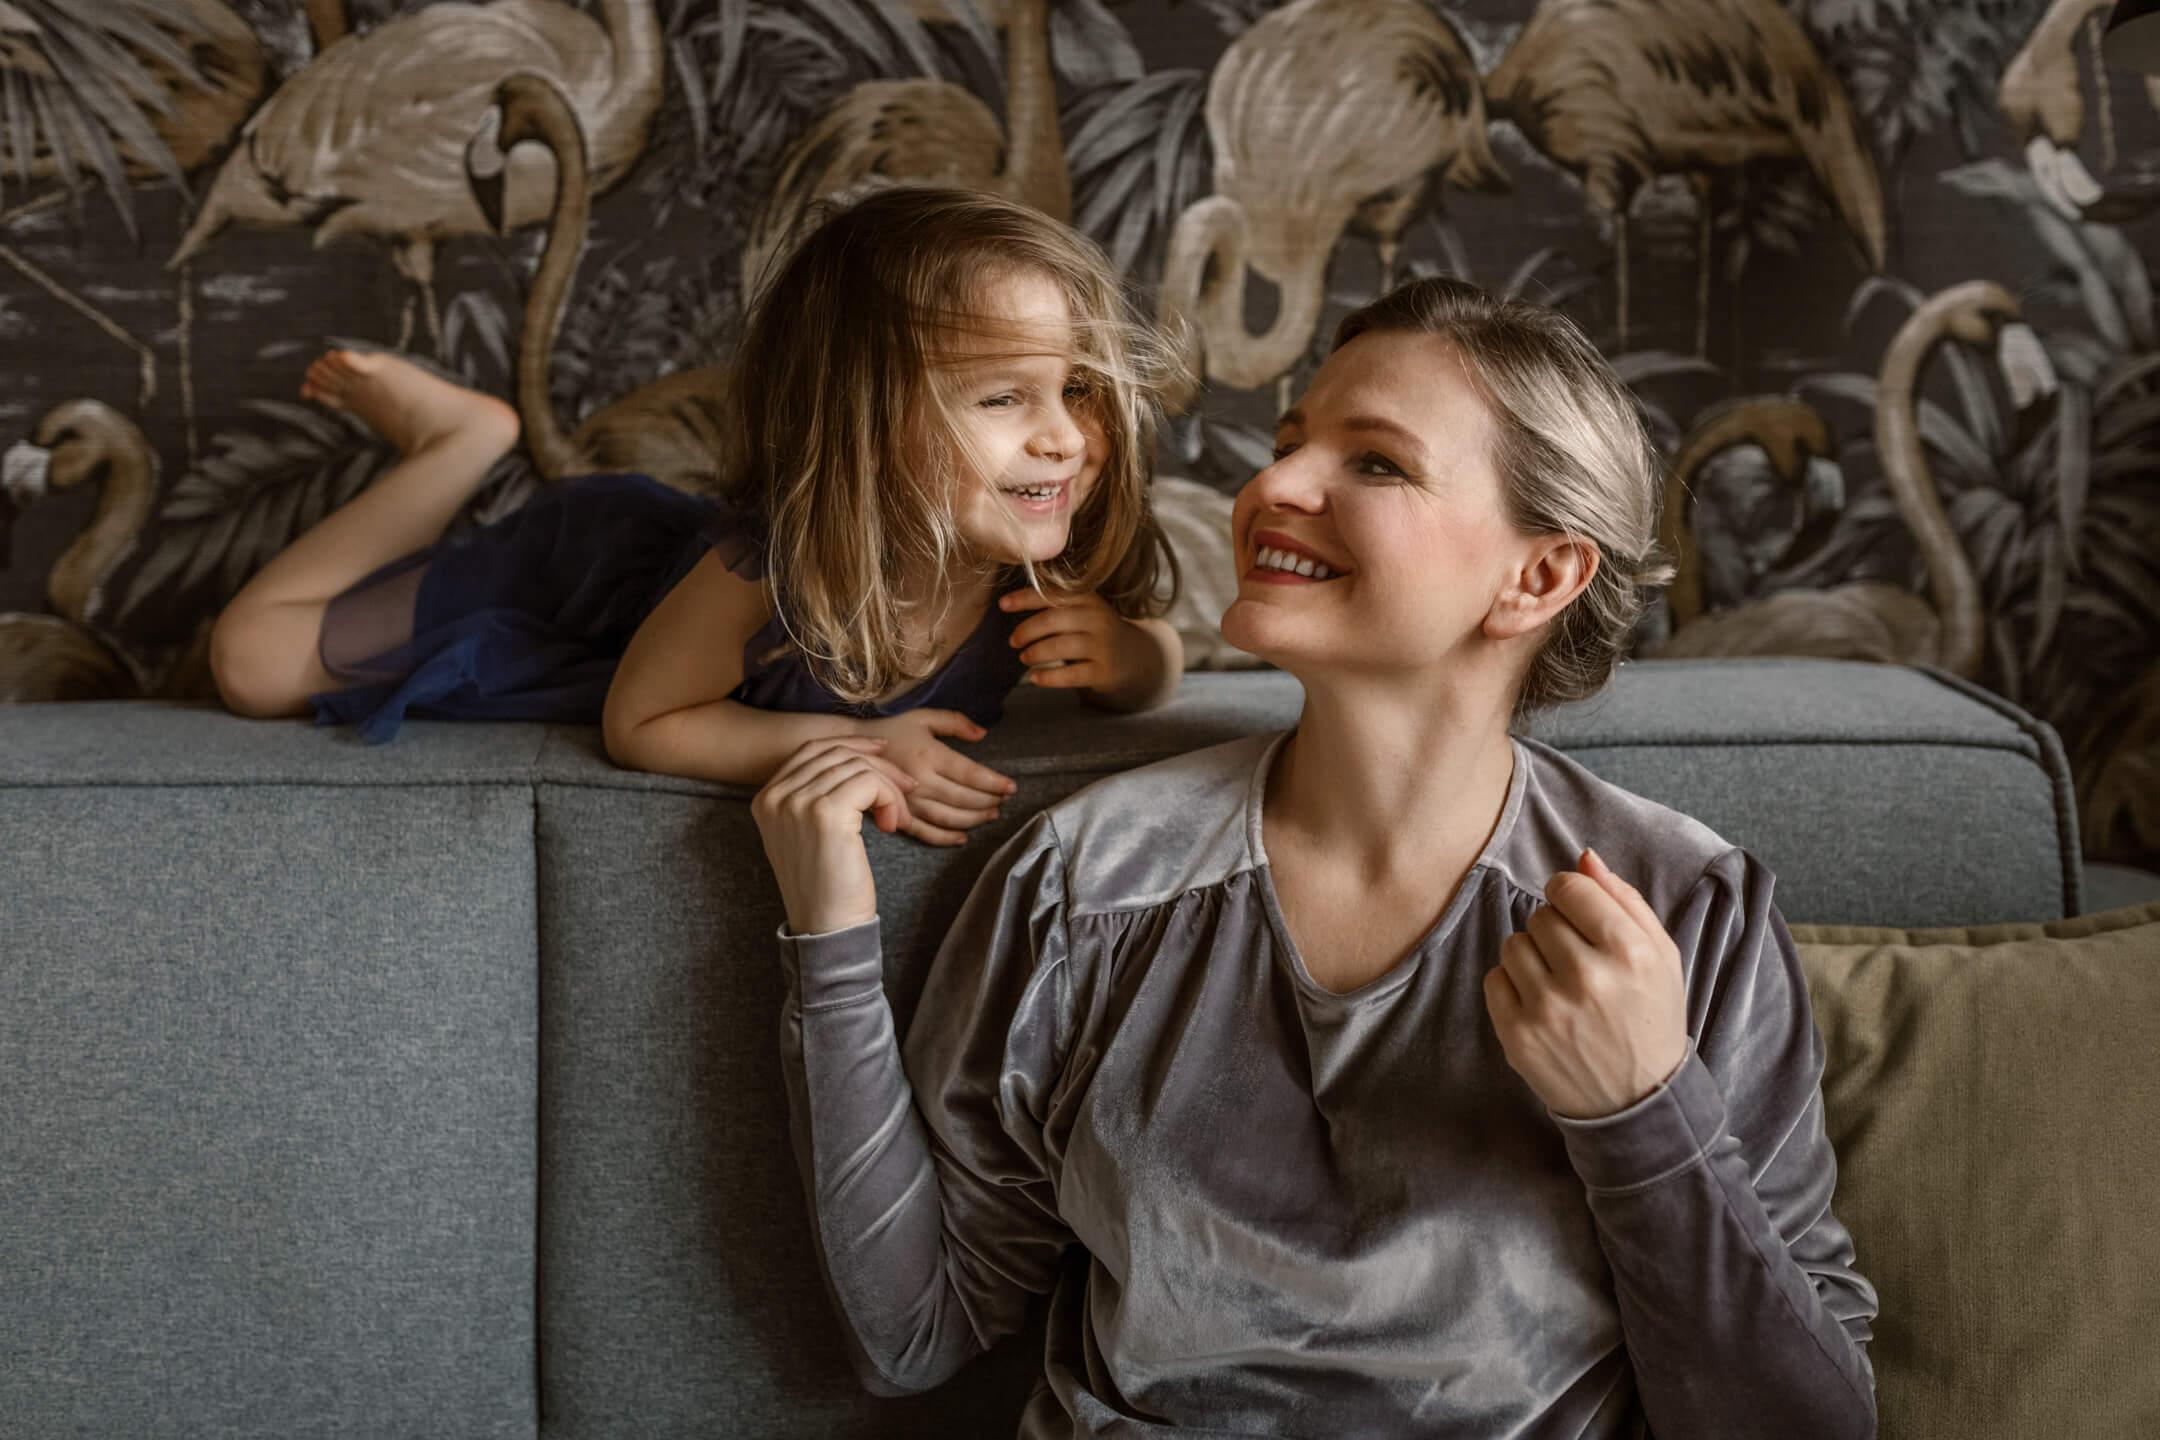 FAMILY-moments by joanna